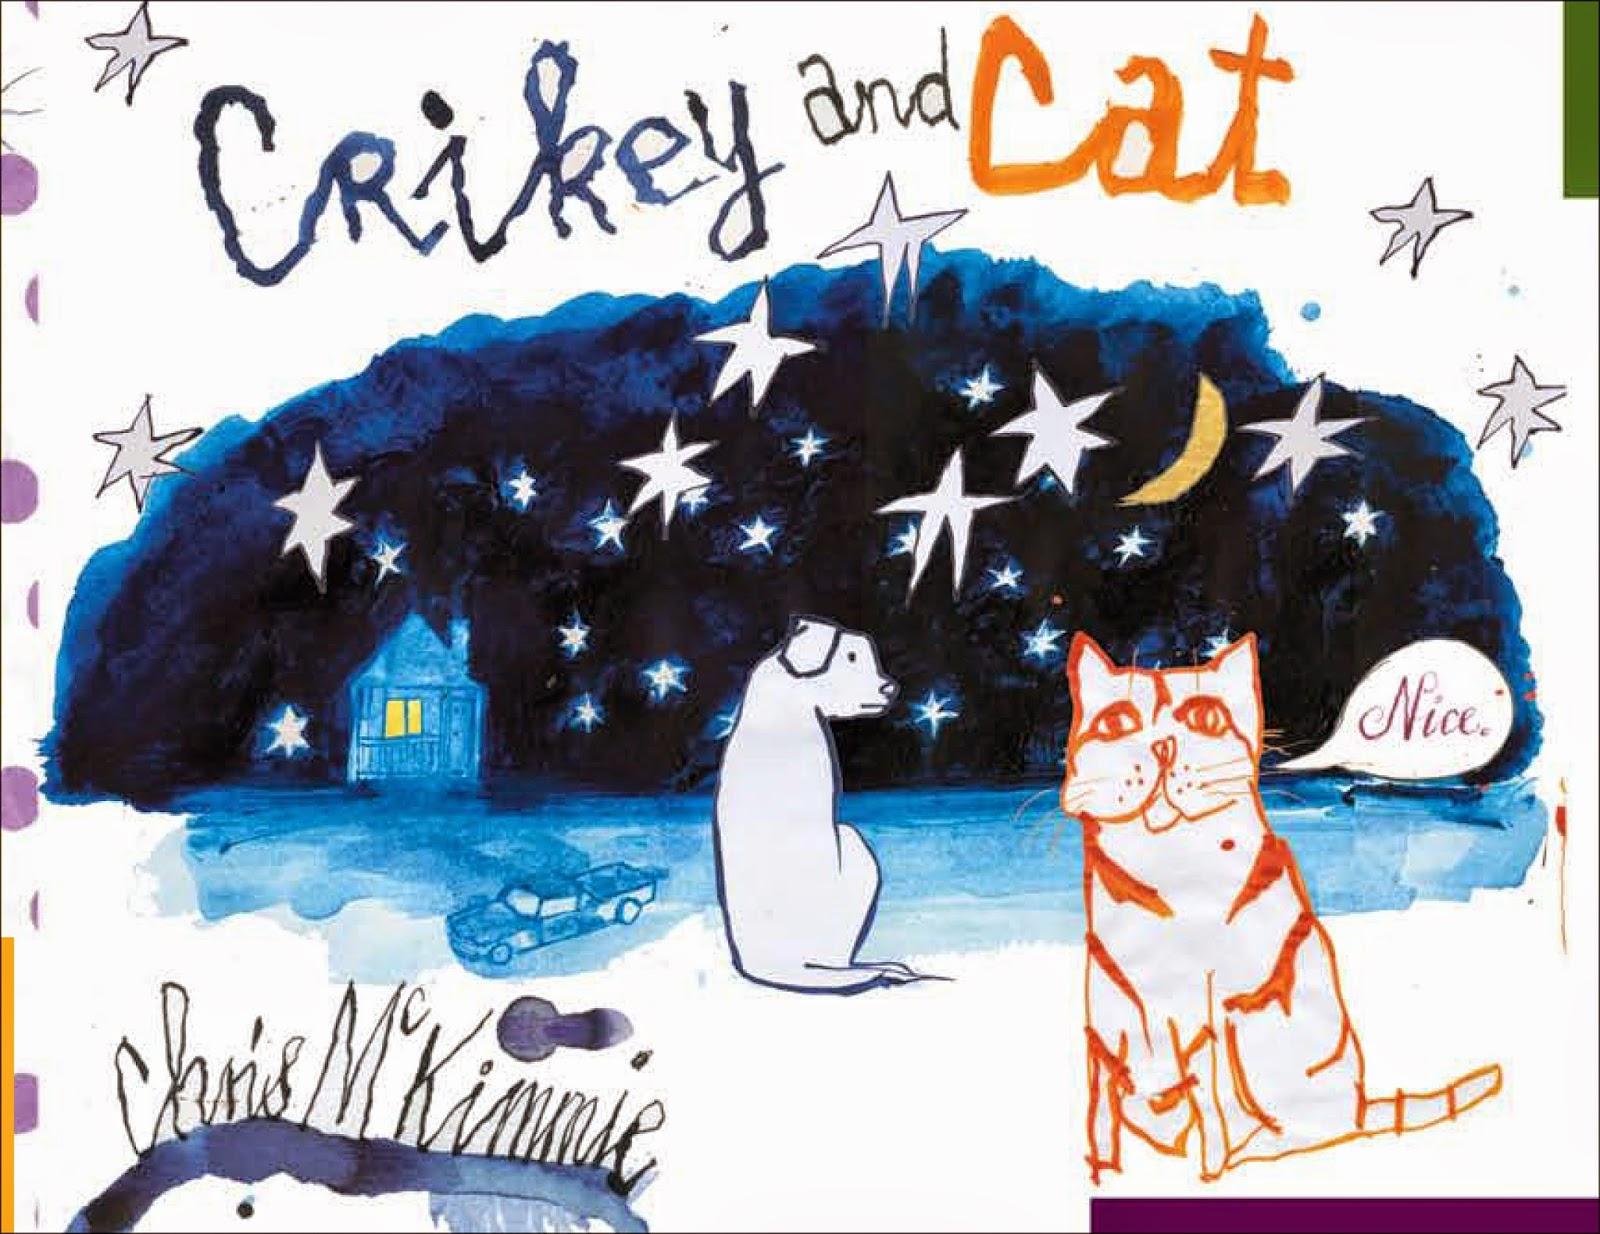 Crickey and Cat